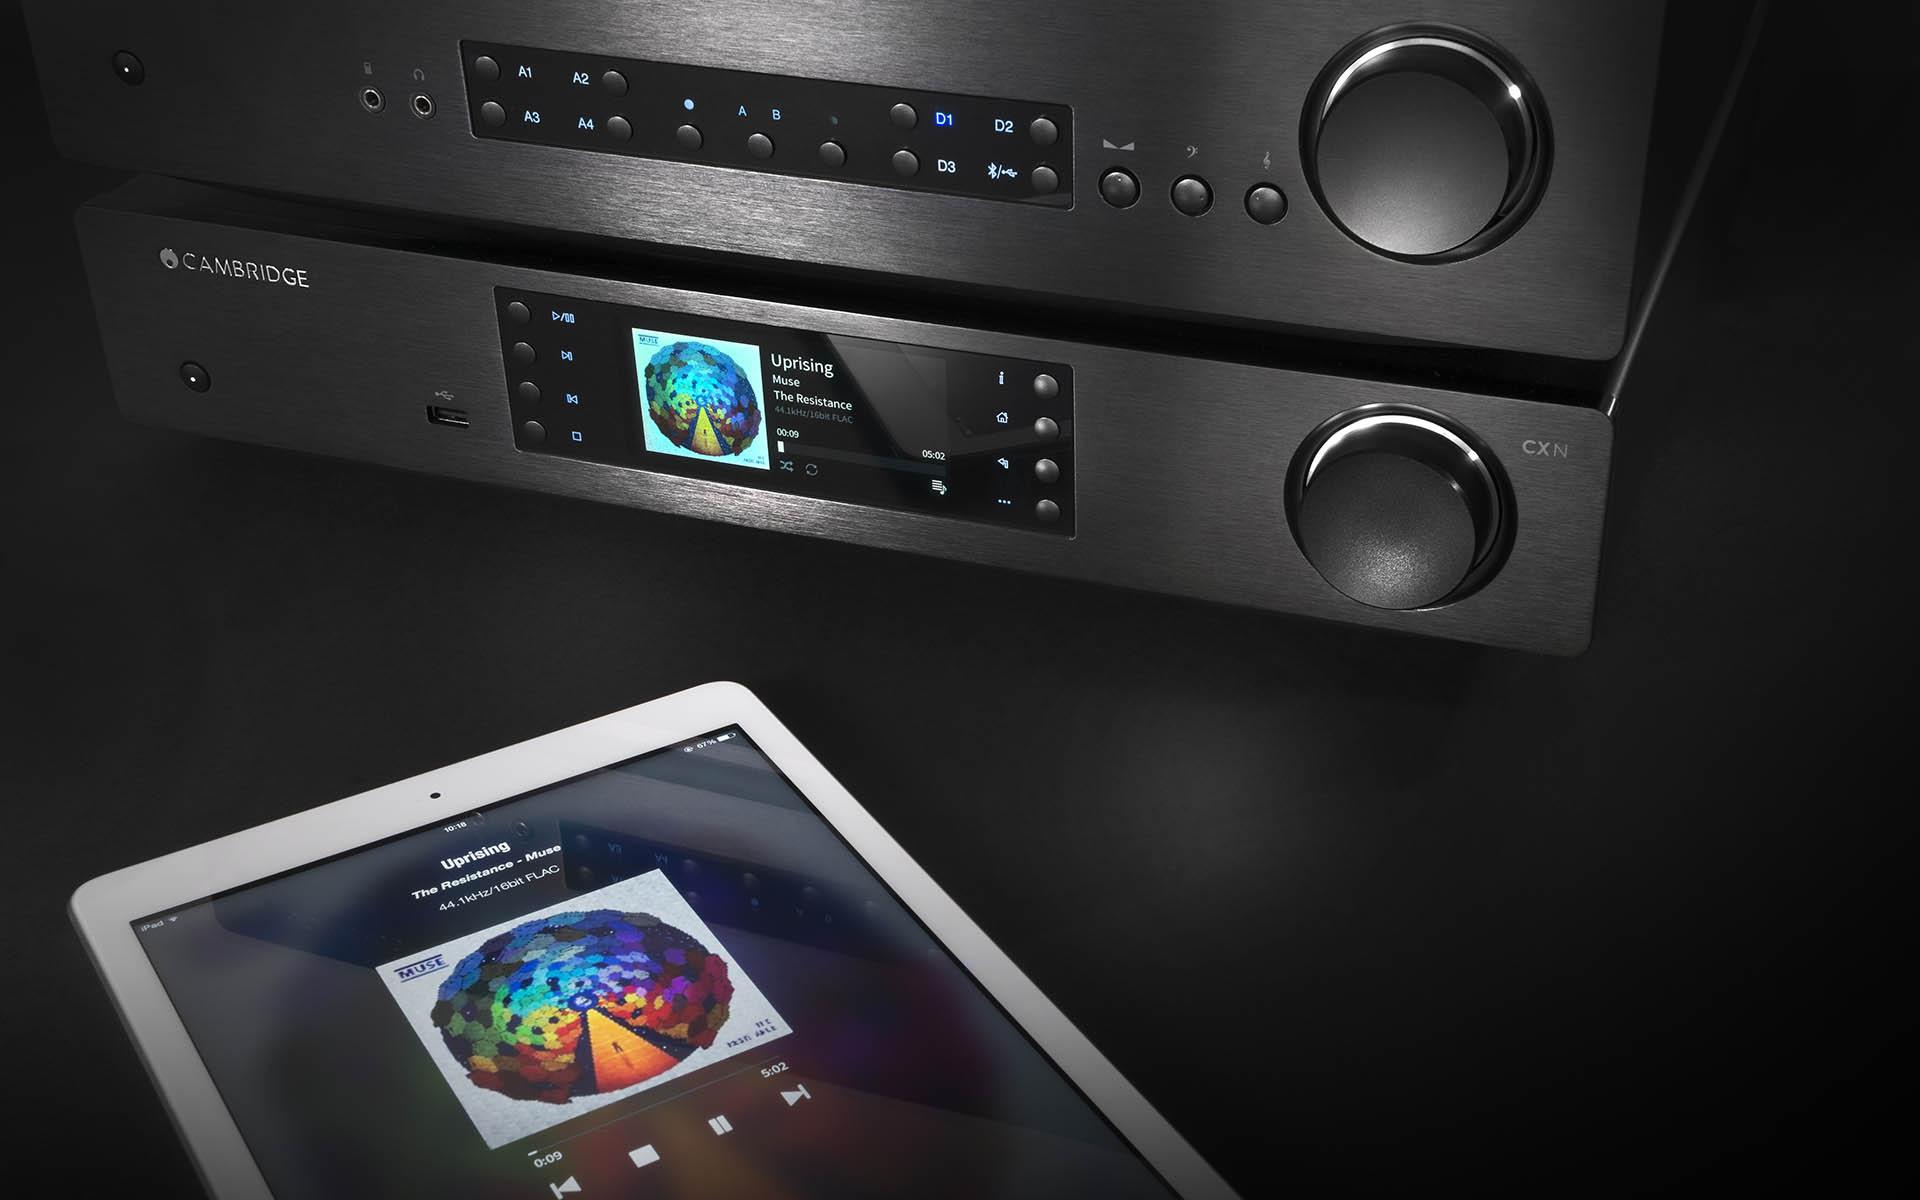 Аппараты Cambridge Audio серии CX – сегодняшний день британского звука